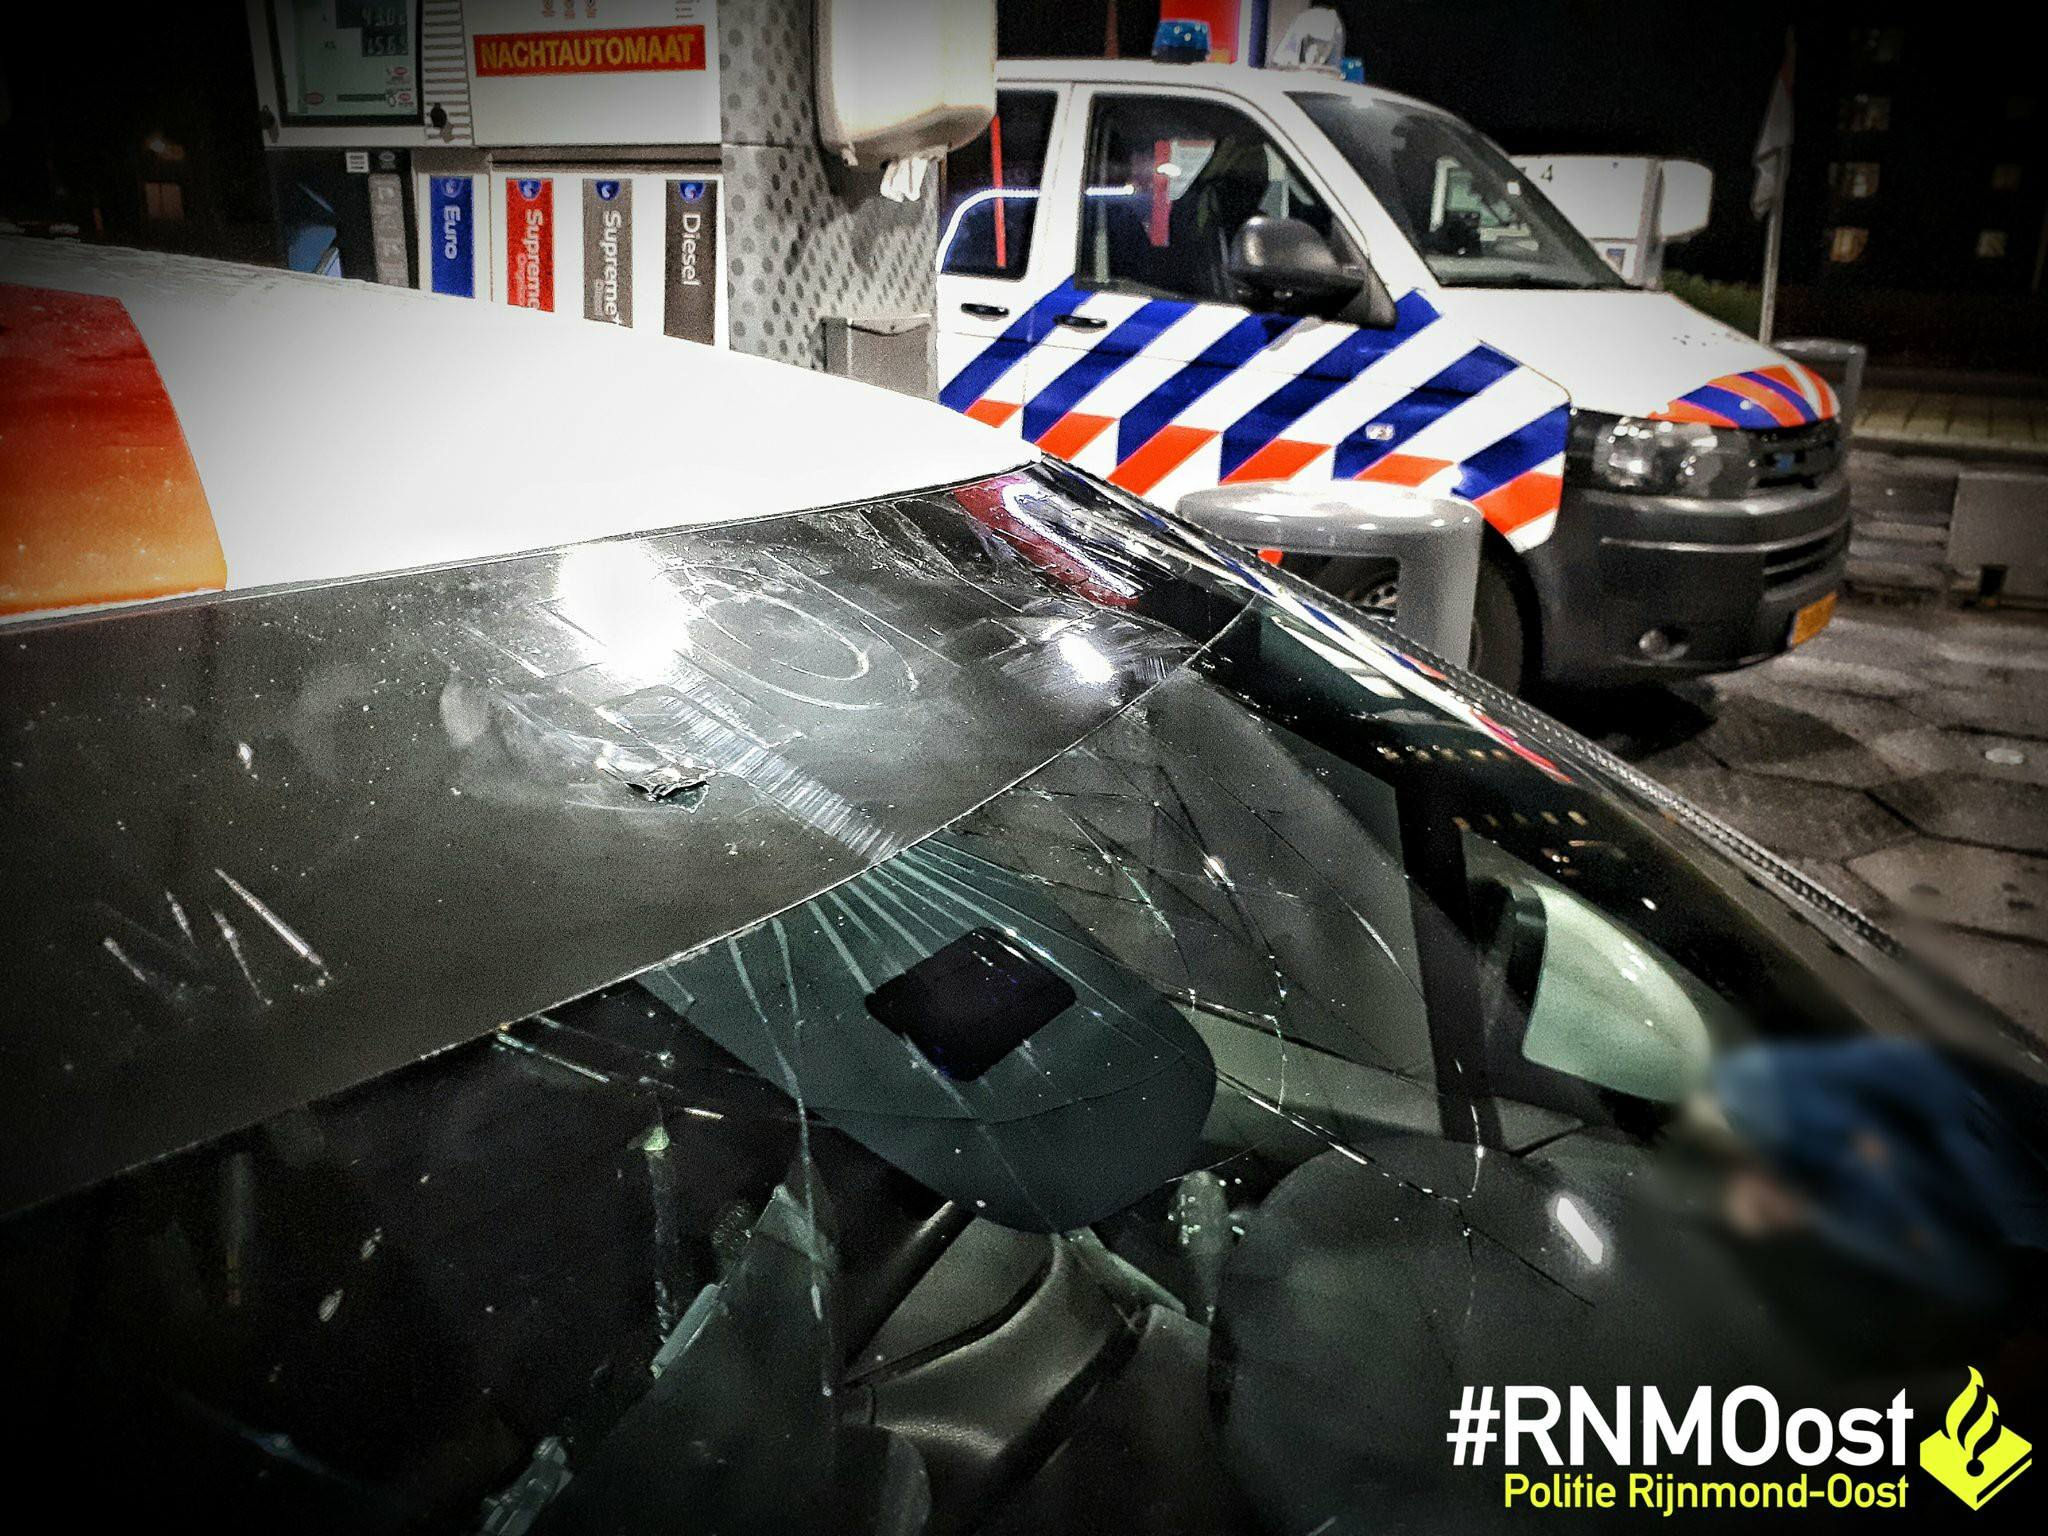 Voorwerp op passerende auto gegooid